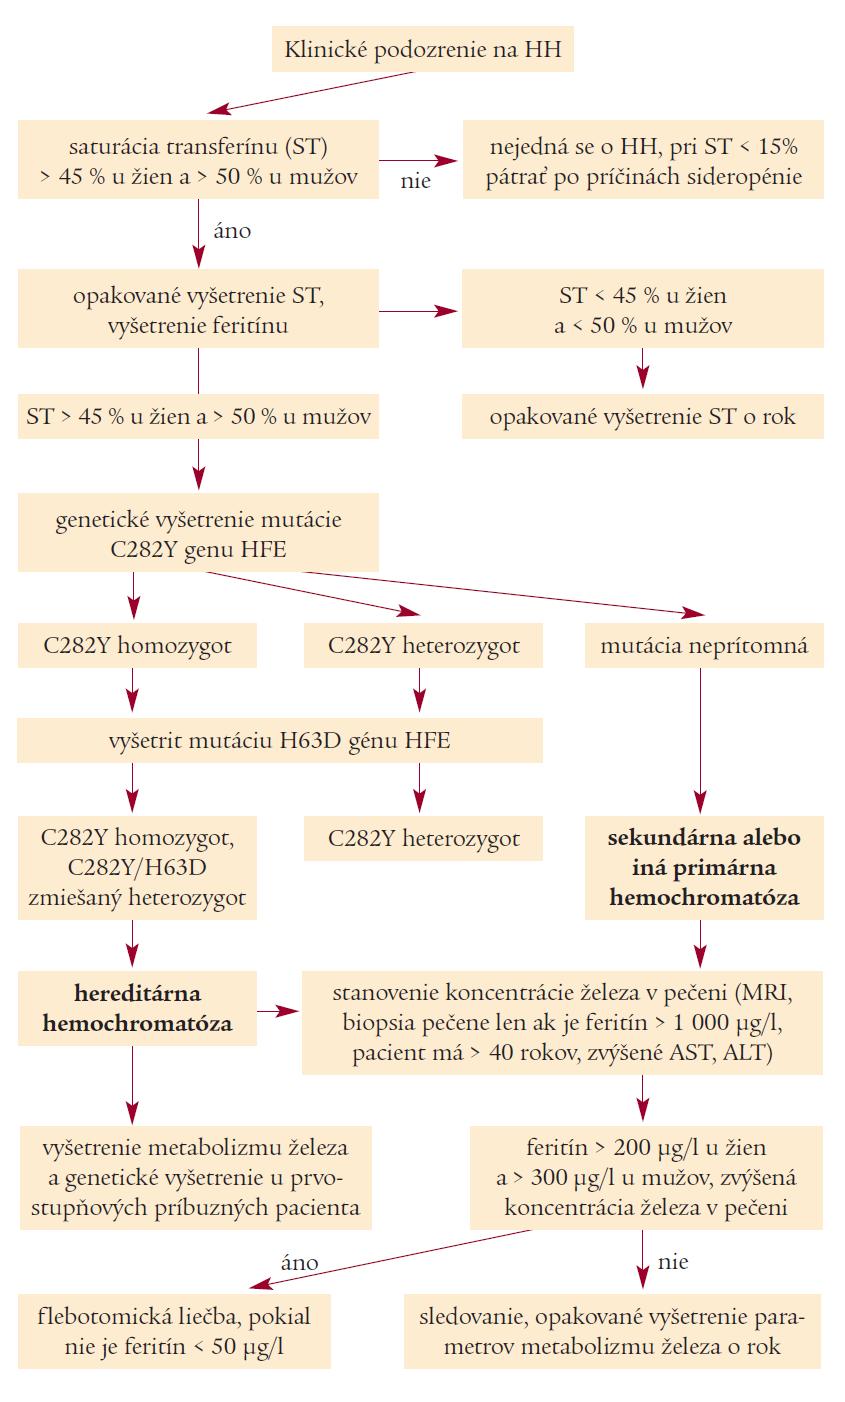 Schéma. Skríningový algoritmus pre hereditárnu hemochromatózu.